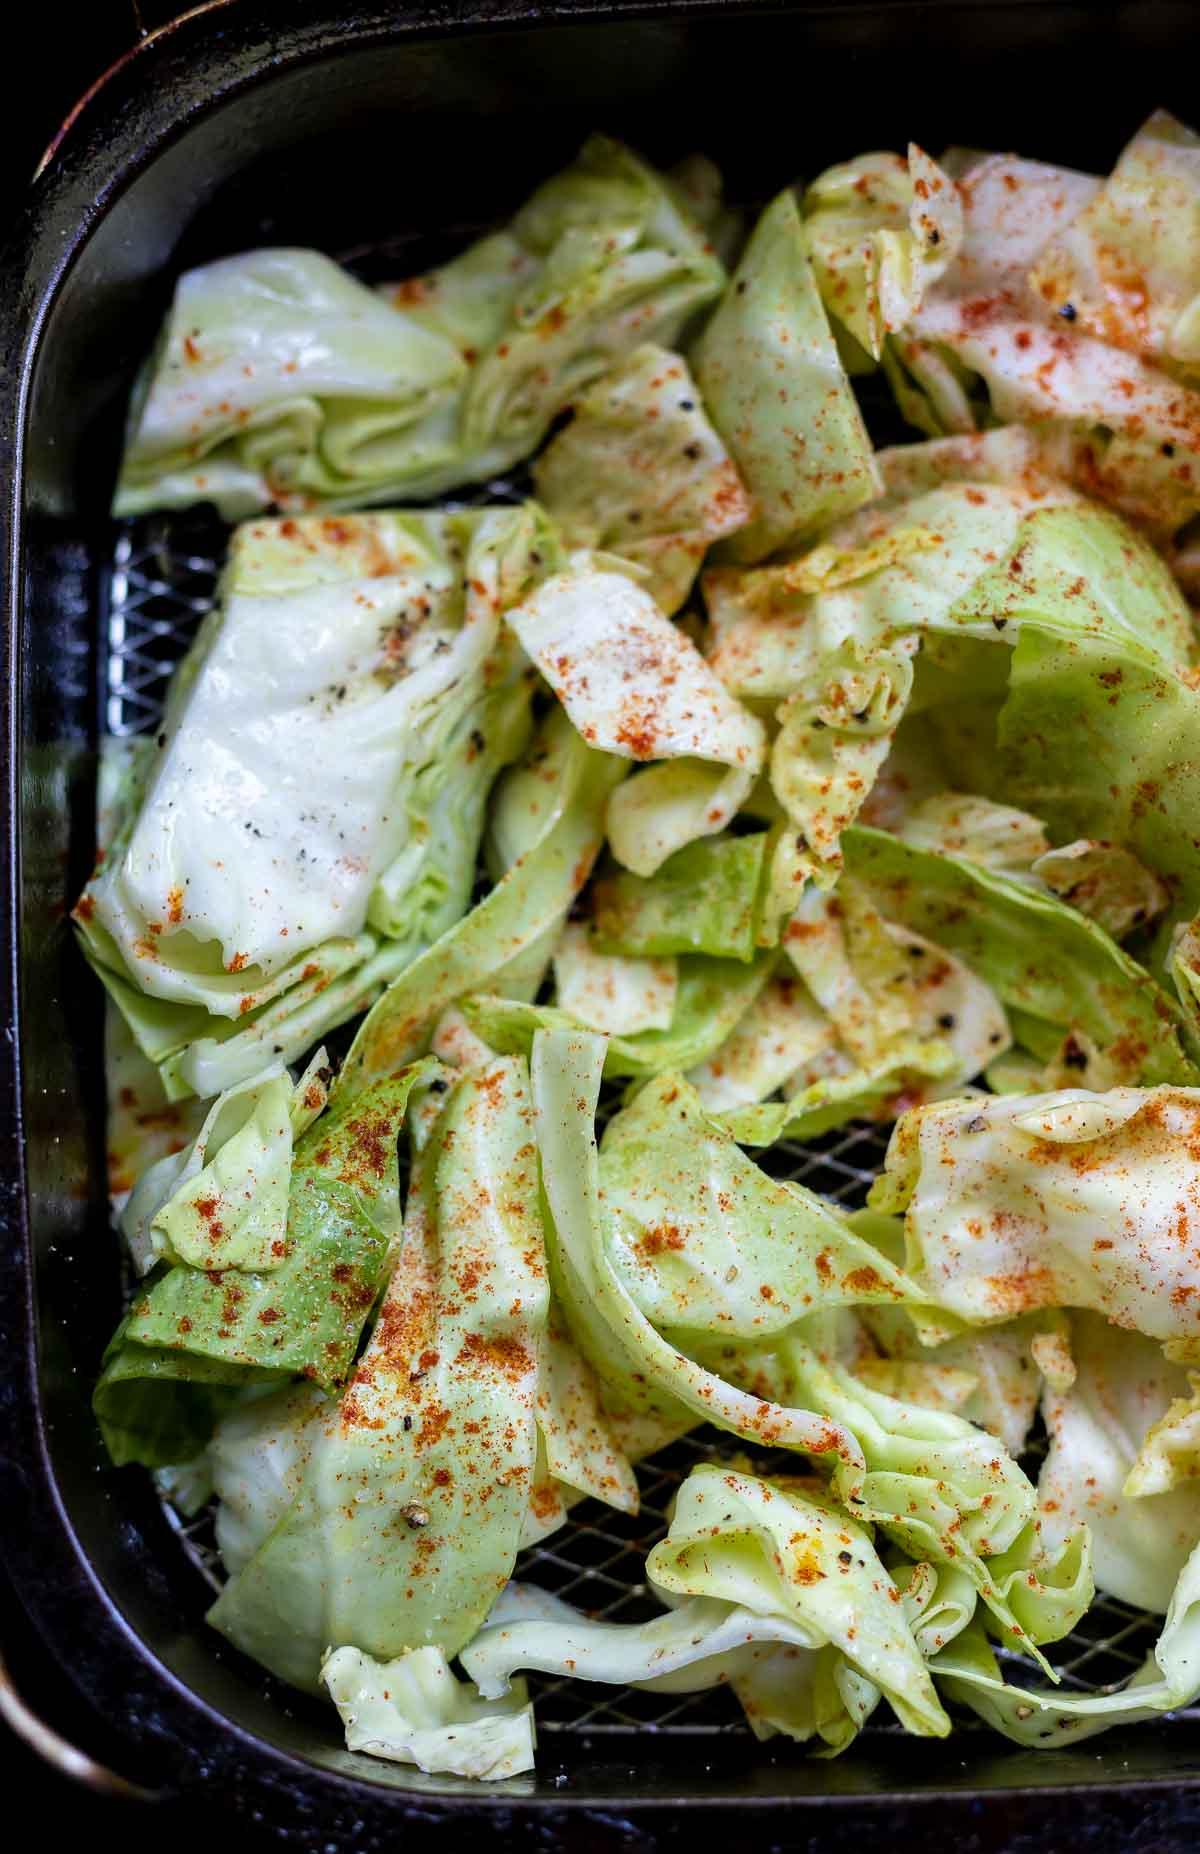 raw cabbage in air fryer basket